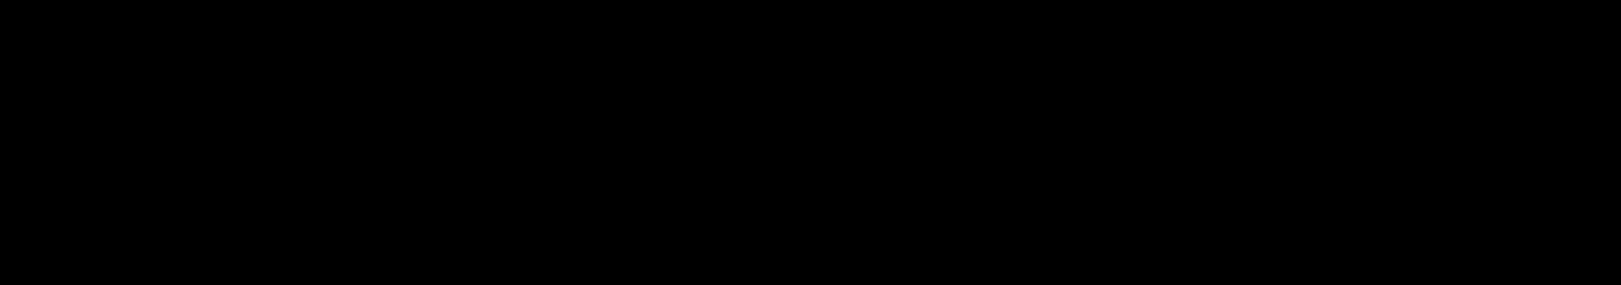 dj-menesix-logo